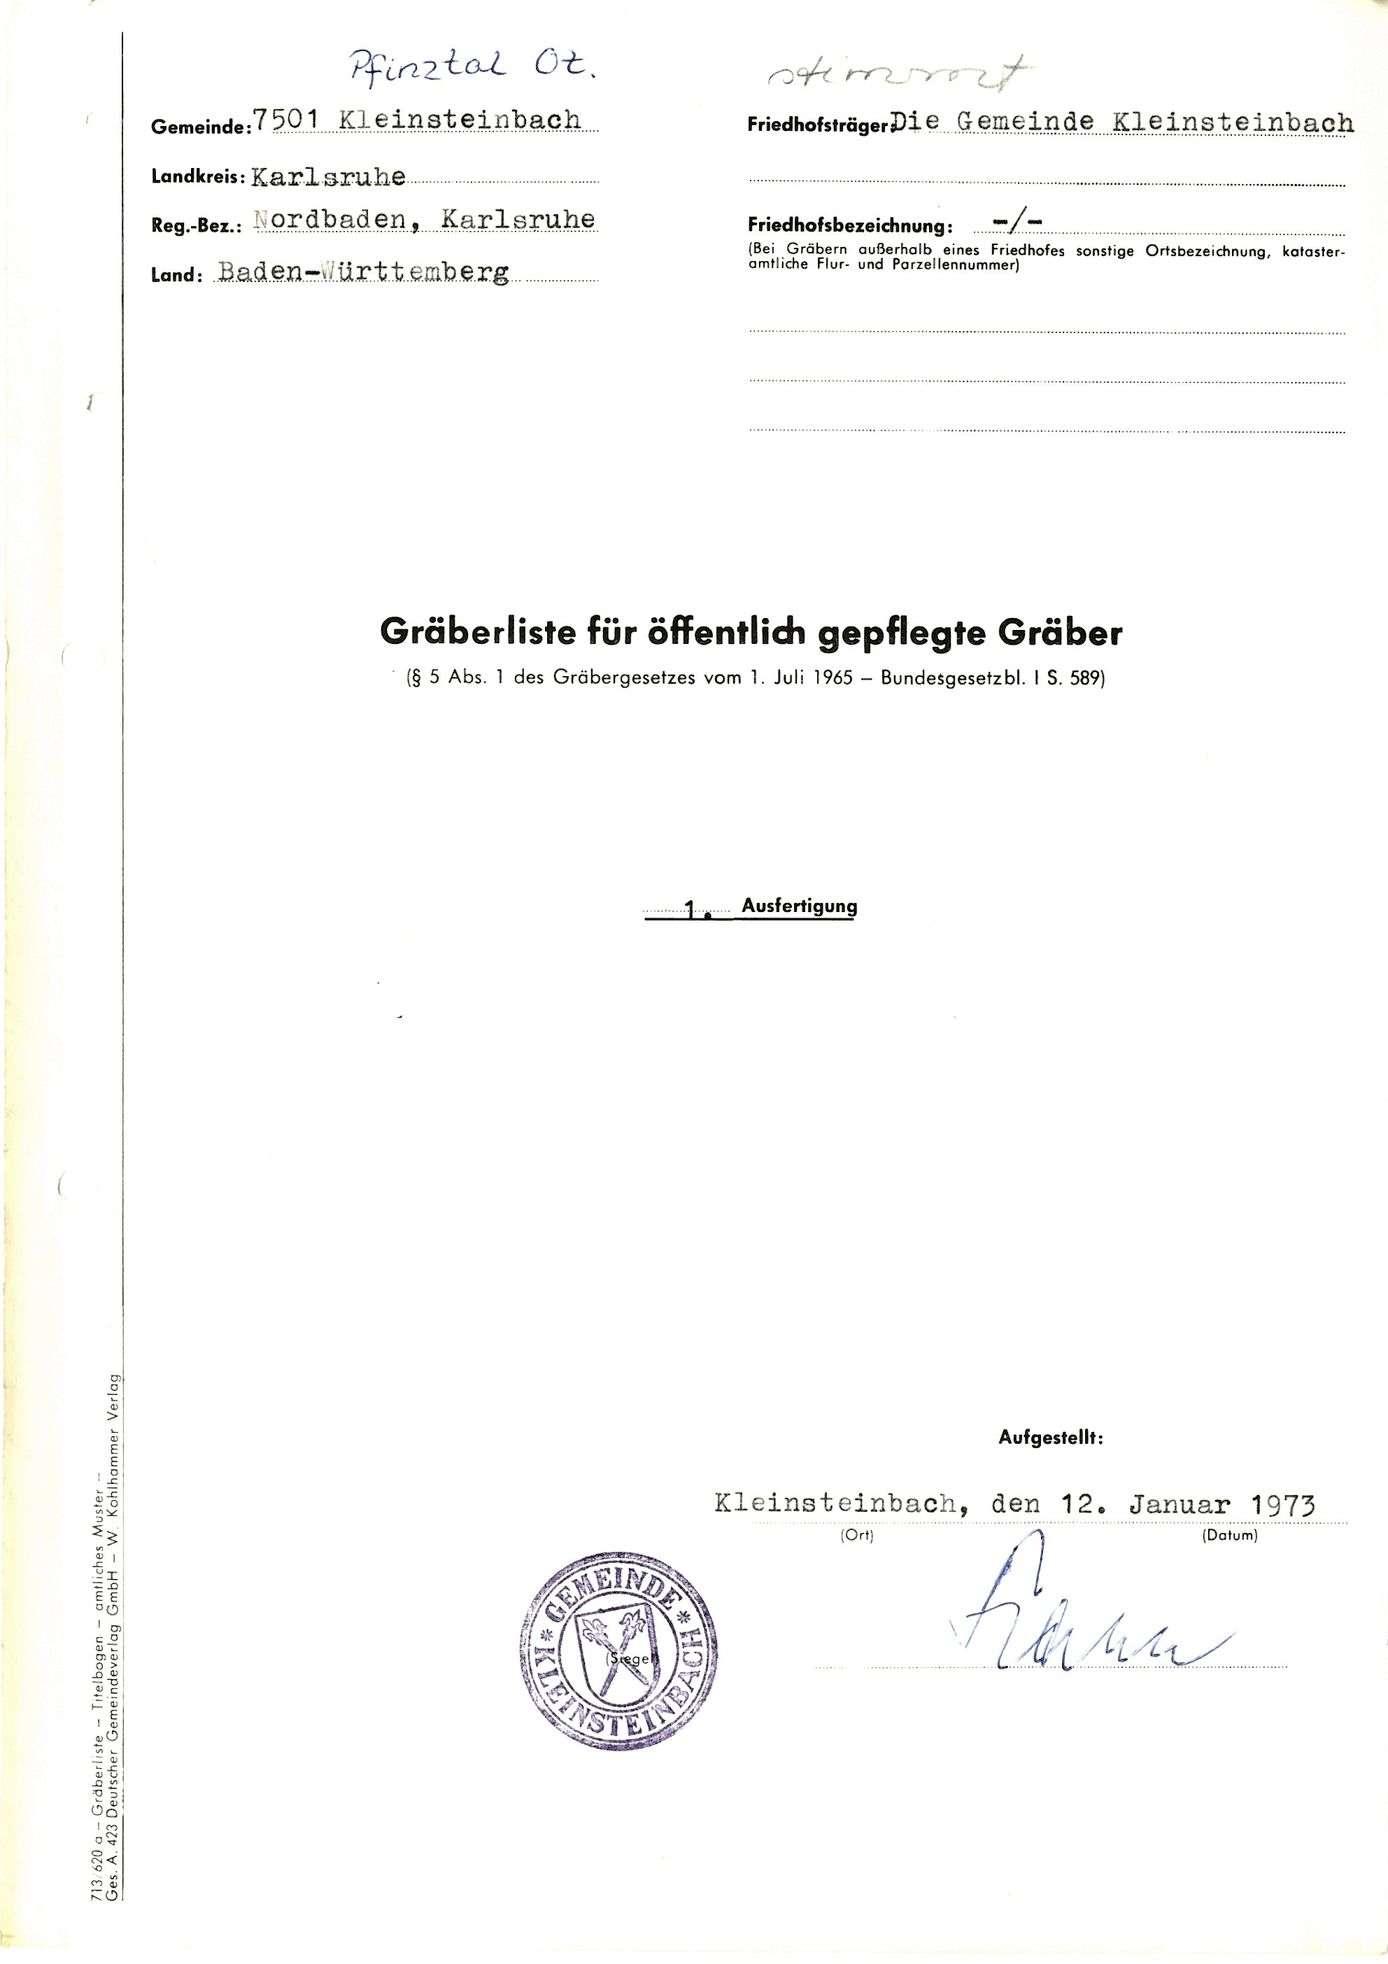 Kleinsteinbach, Bild 1